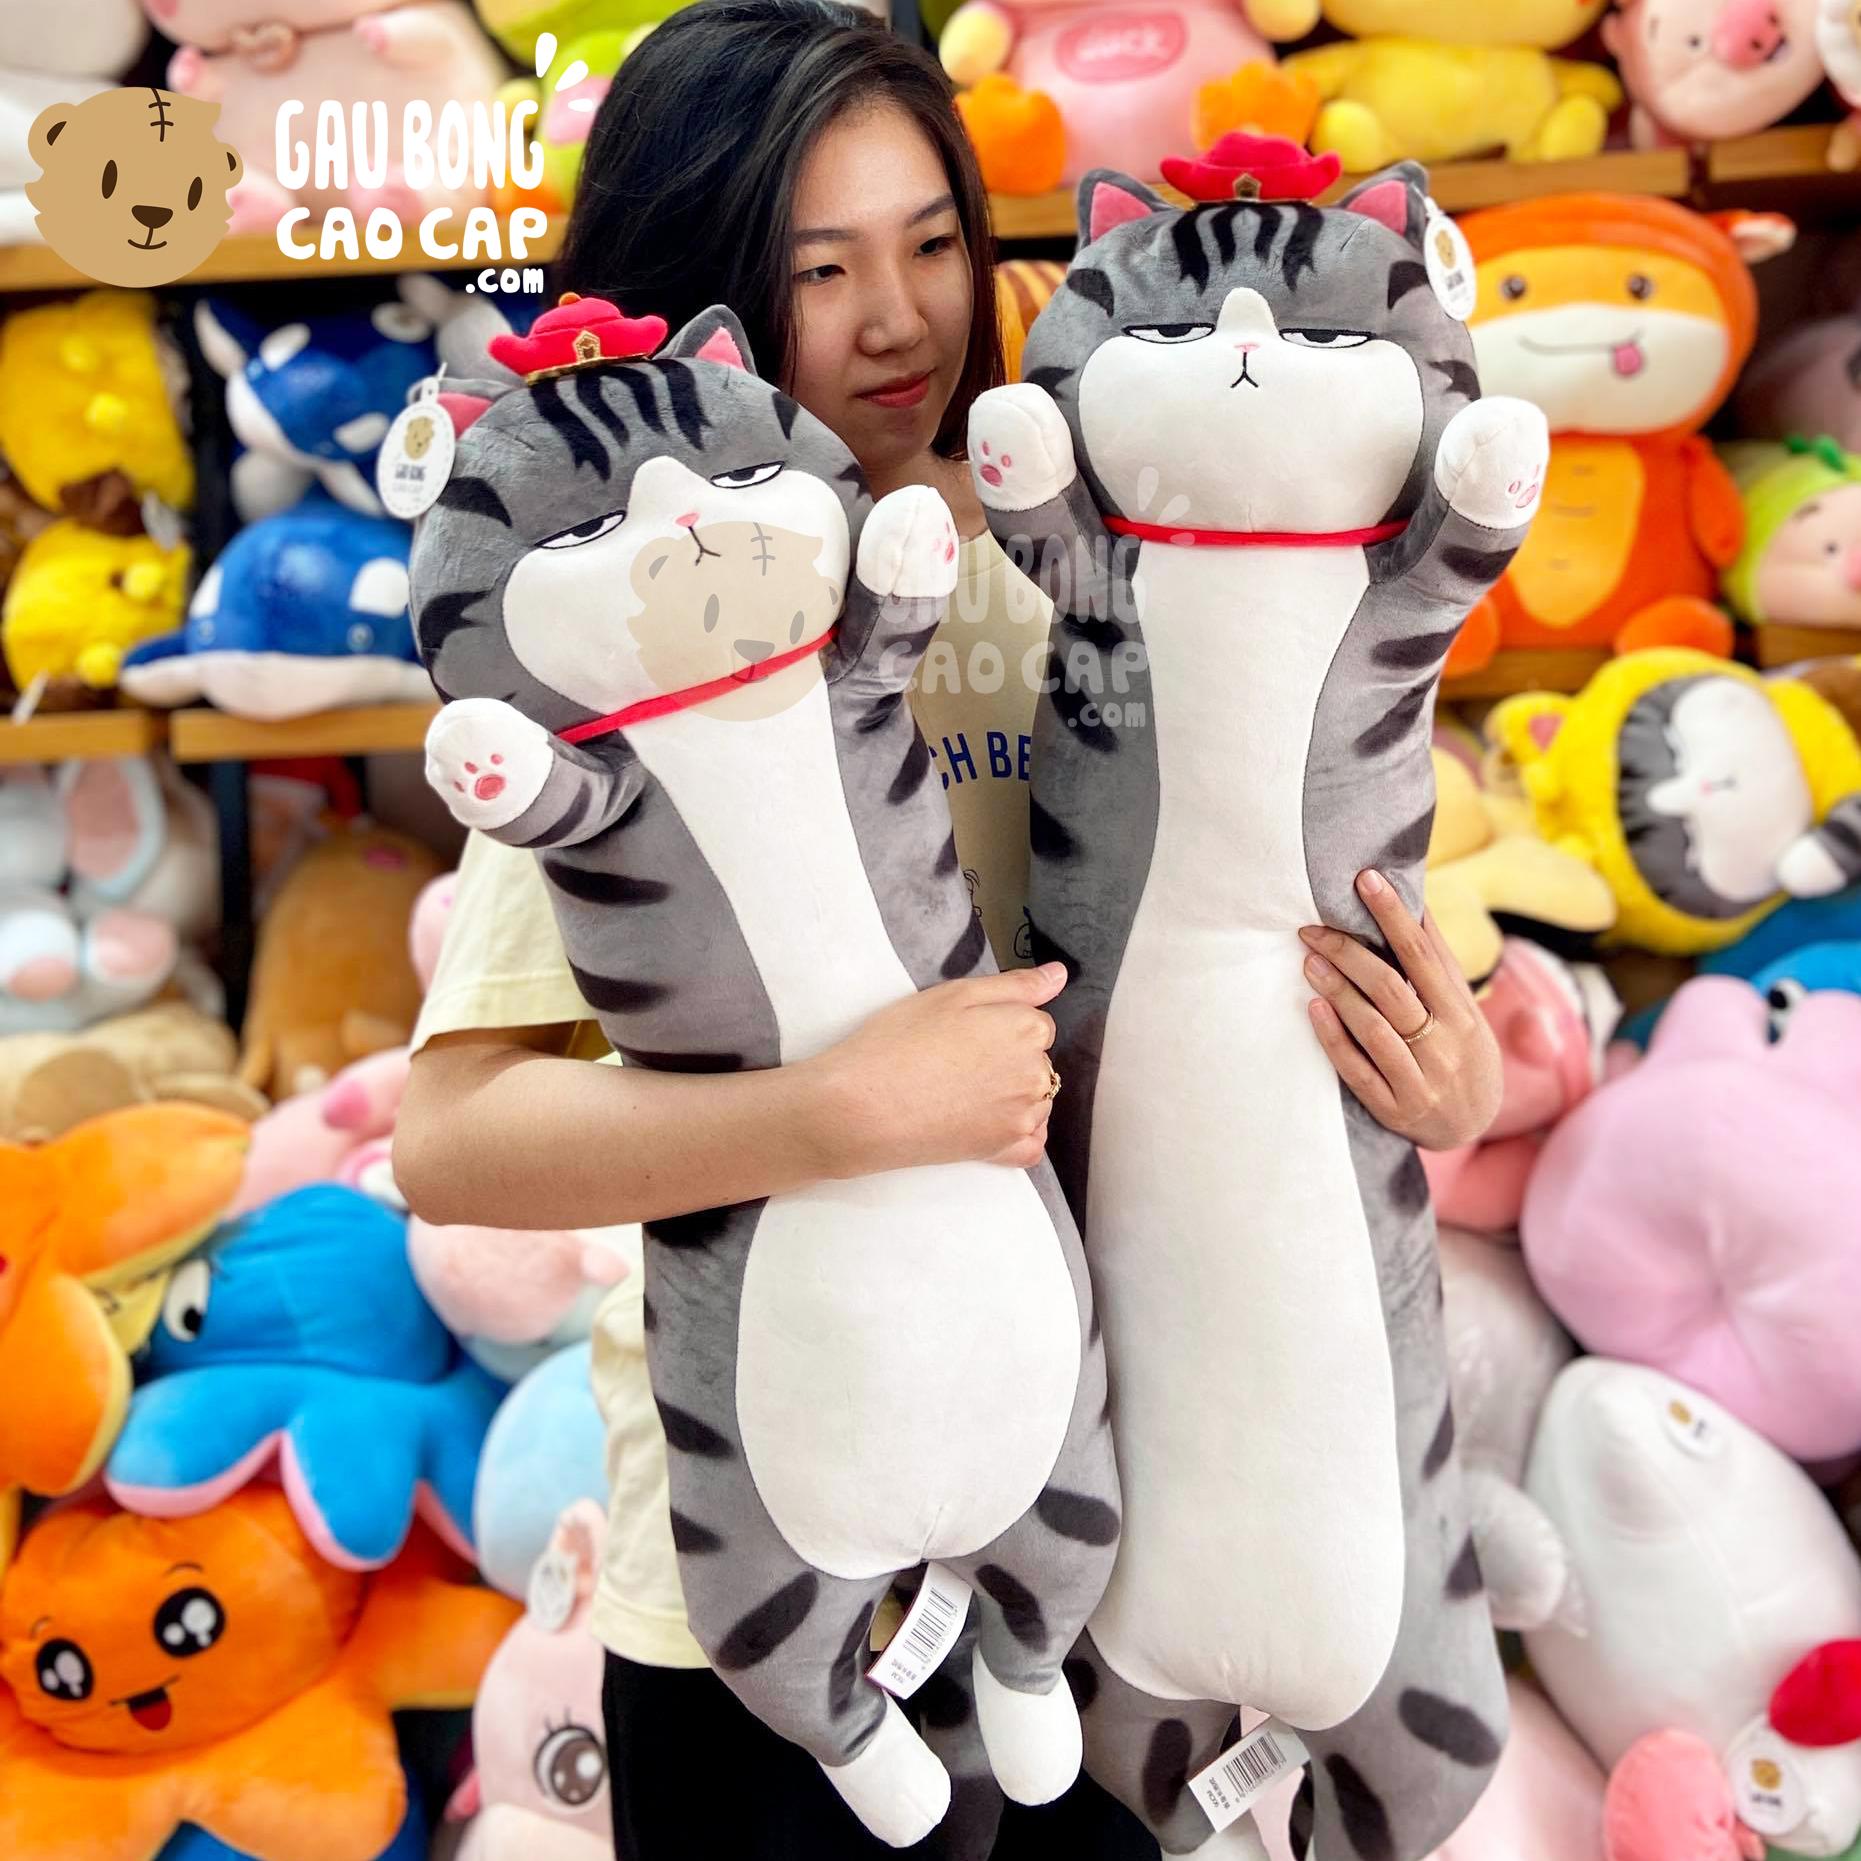 Gối ôm mèo bông Hoàng Thượng đứng giơ tay